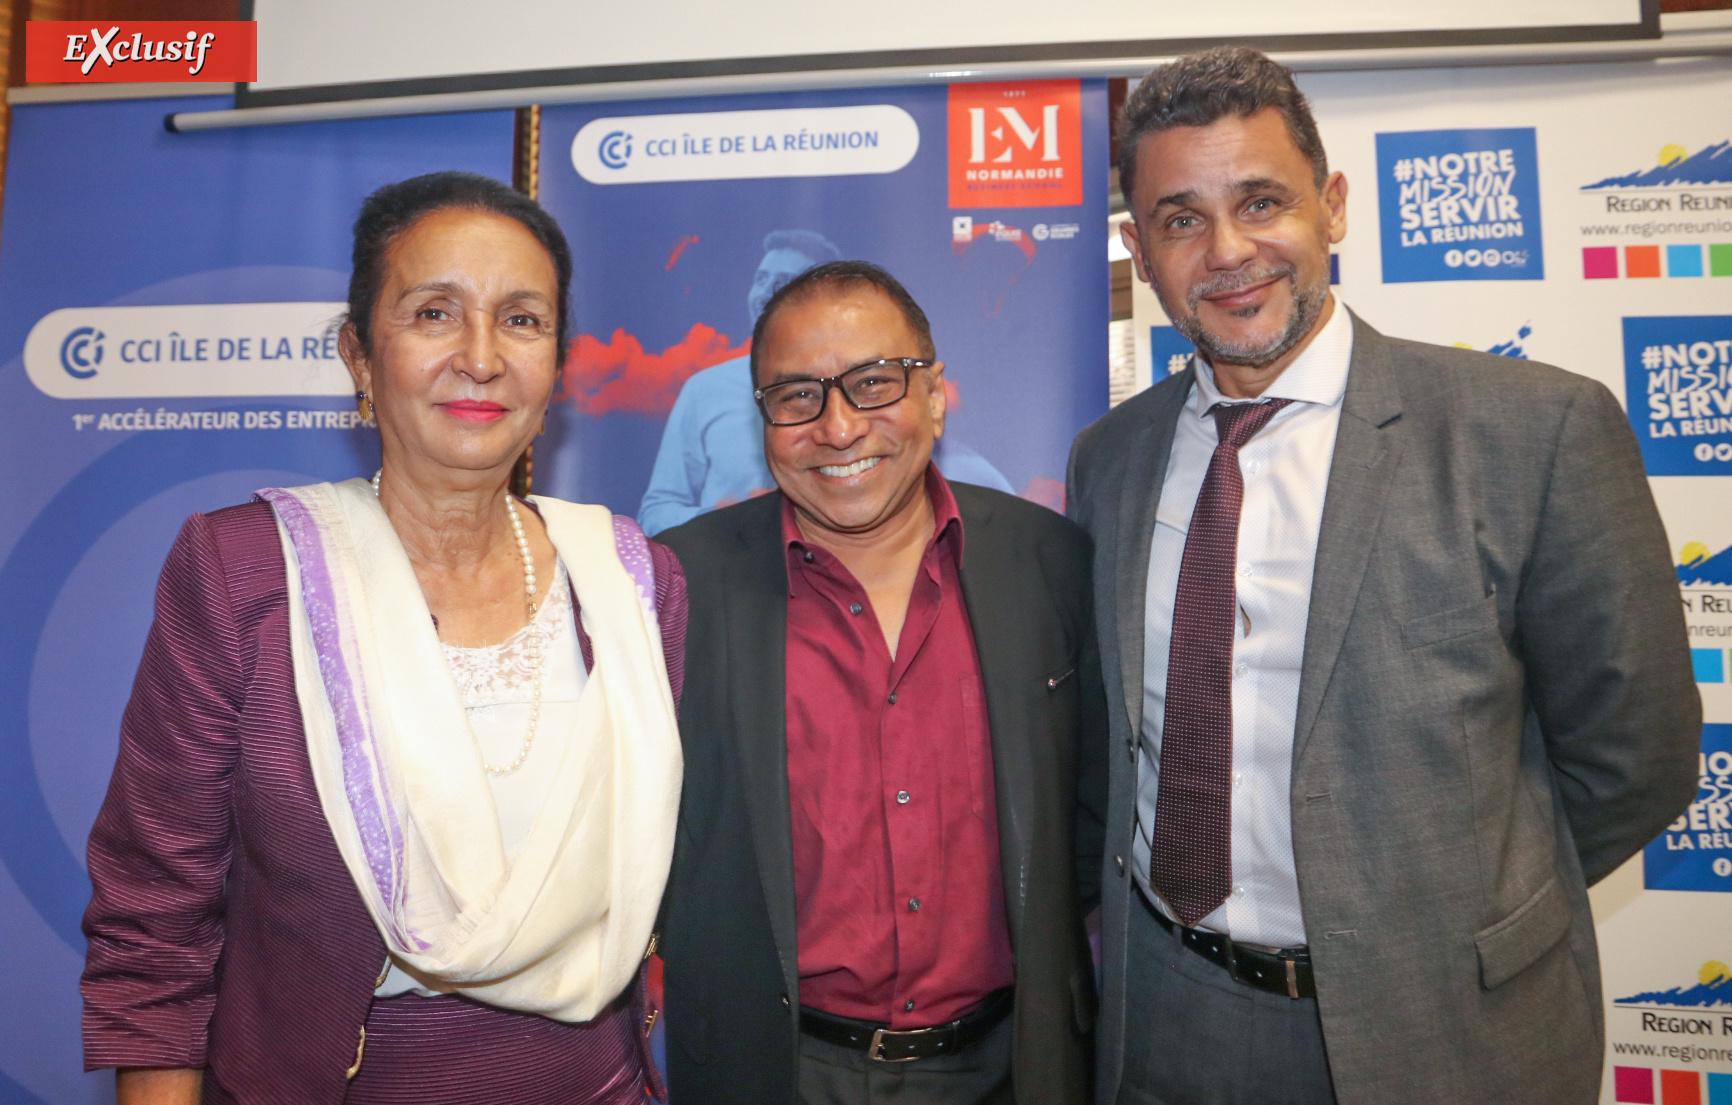 Huguette Bello, présidente de la Région, Ibrahim Patel, président de la CCIR, et Mr Legros, représentant du Rectorat